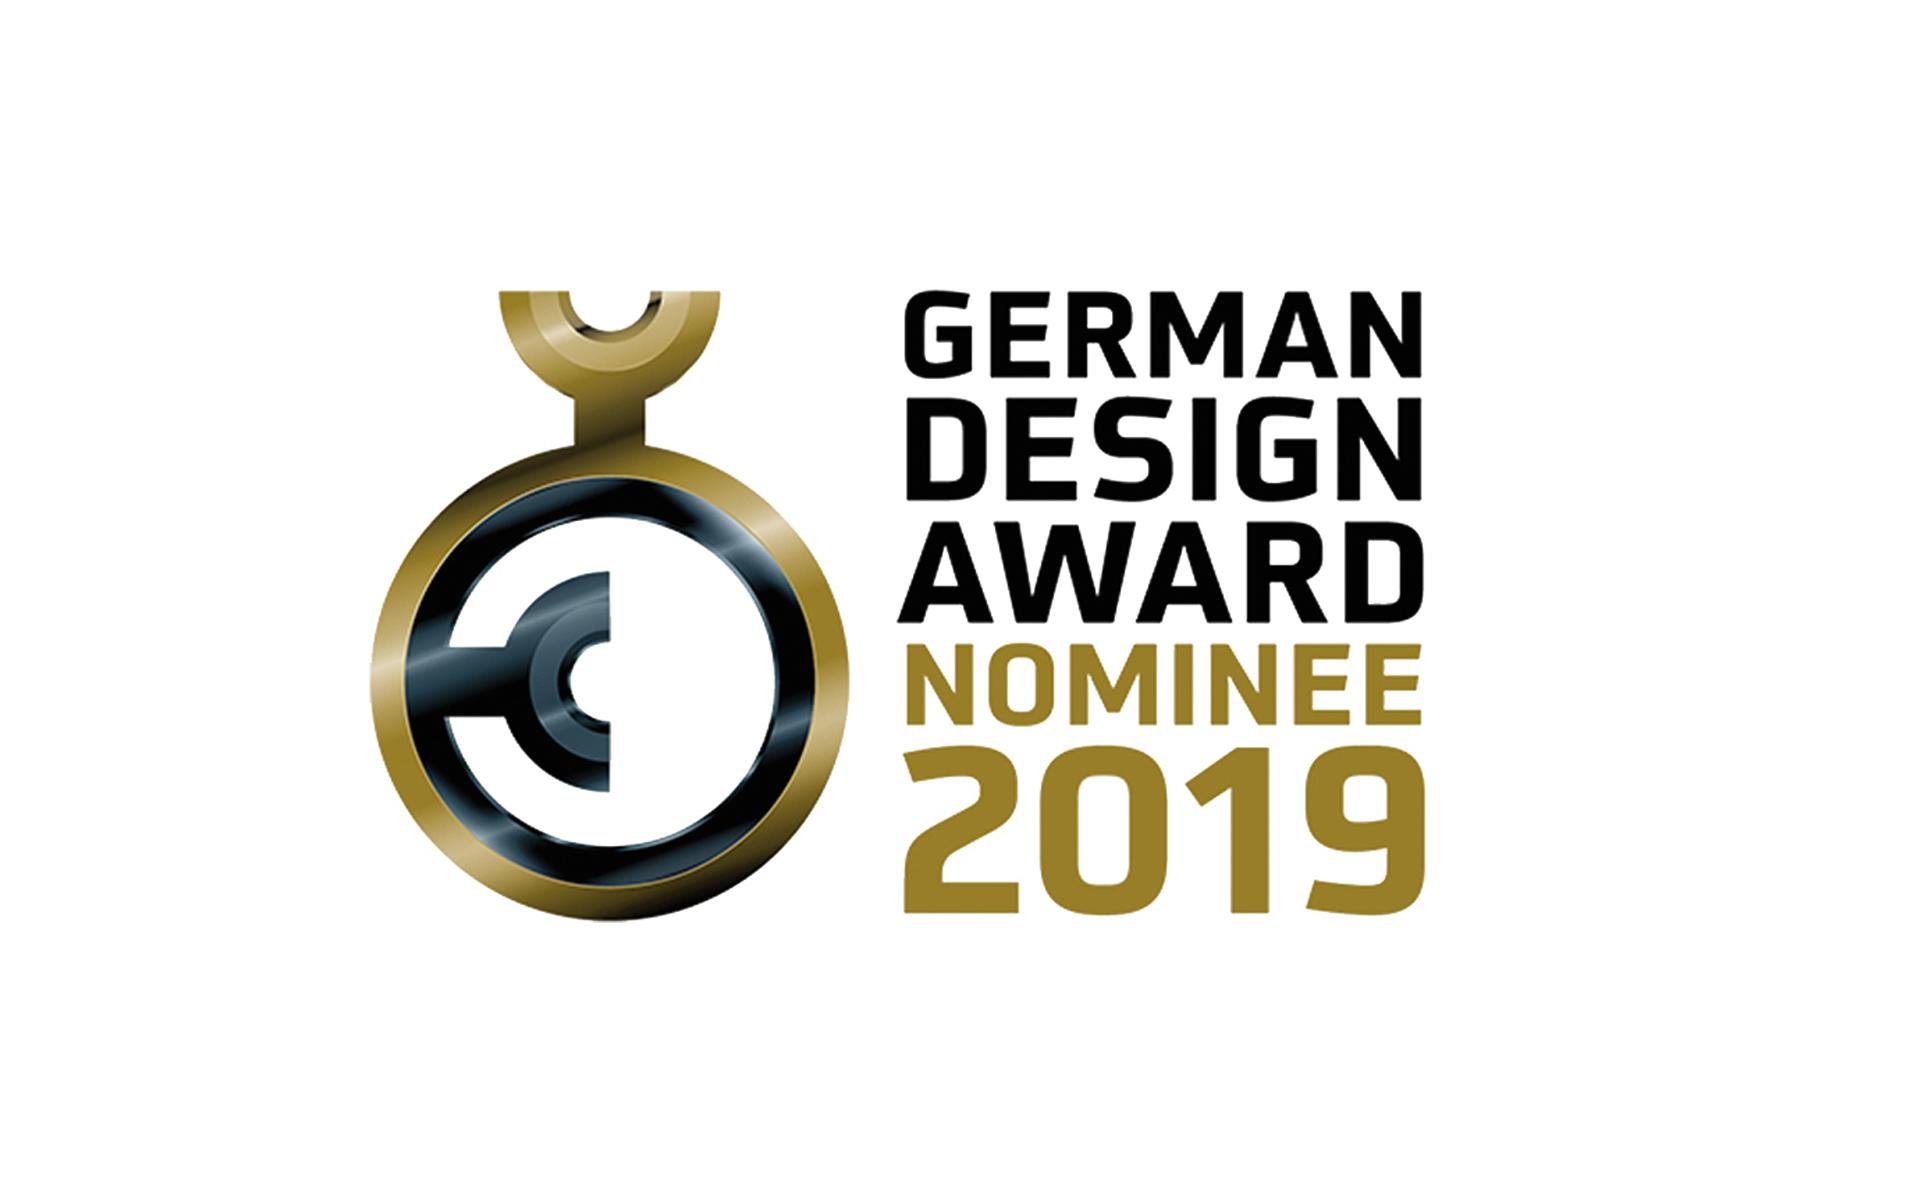 Das realisierte Projekt Orthopädie Beger I Behrendt in Freilassing, Deutschland wurde im Rahmen des German Design Award, einen der führenden internationalen Designpreise für Design und Markenkompetenz für den German Design Award 2019 nominiert.